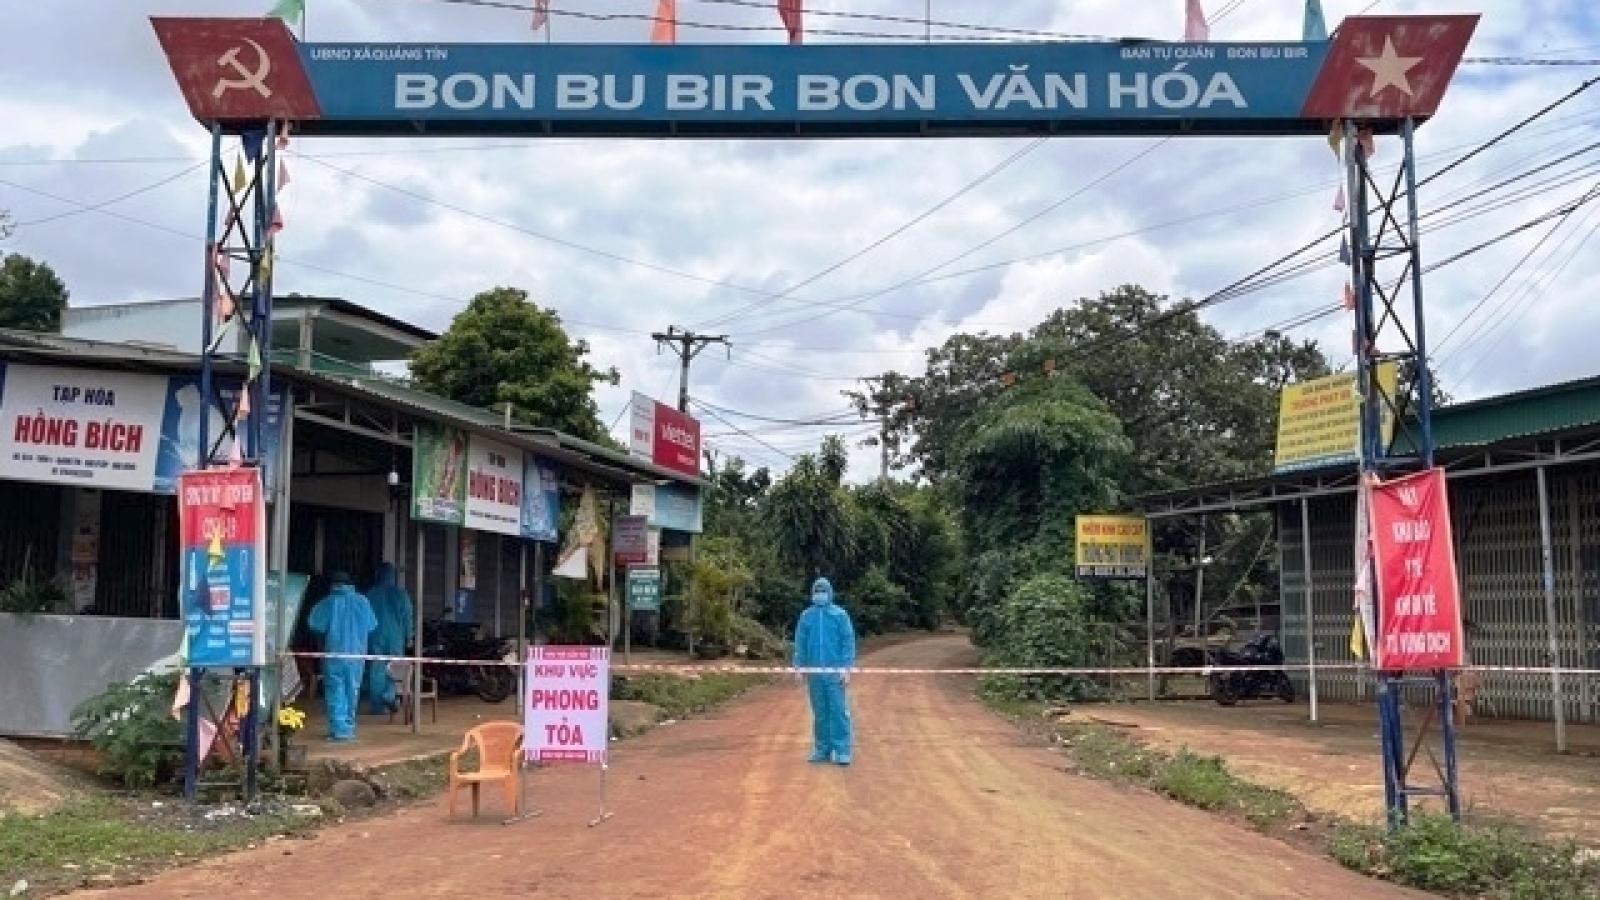 Huyện Đắk R'Lấp, tỉnh Đắk Nông gỡ bỏ phong toả